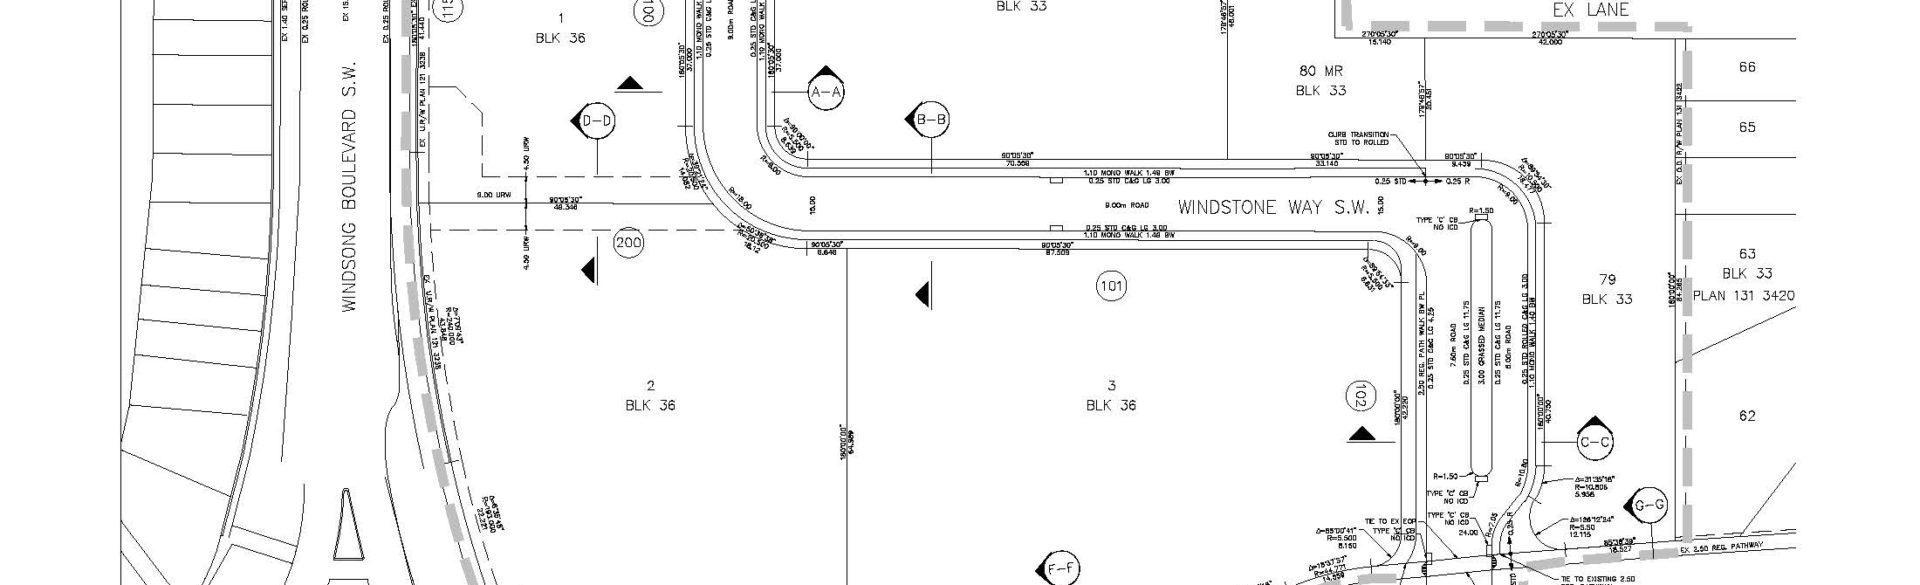 15-737-a1-roadworks-a-1